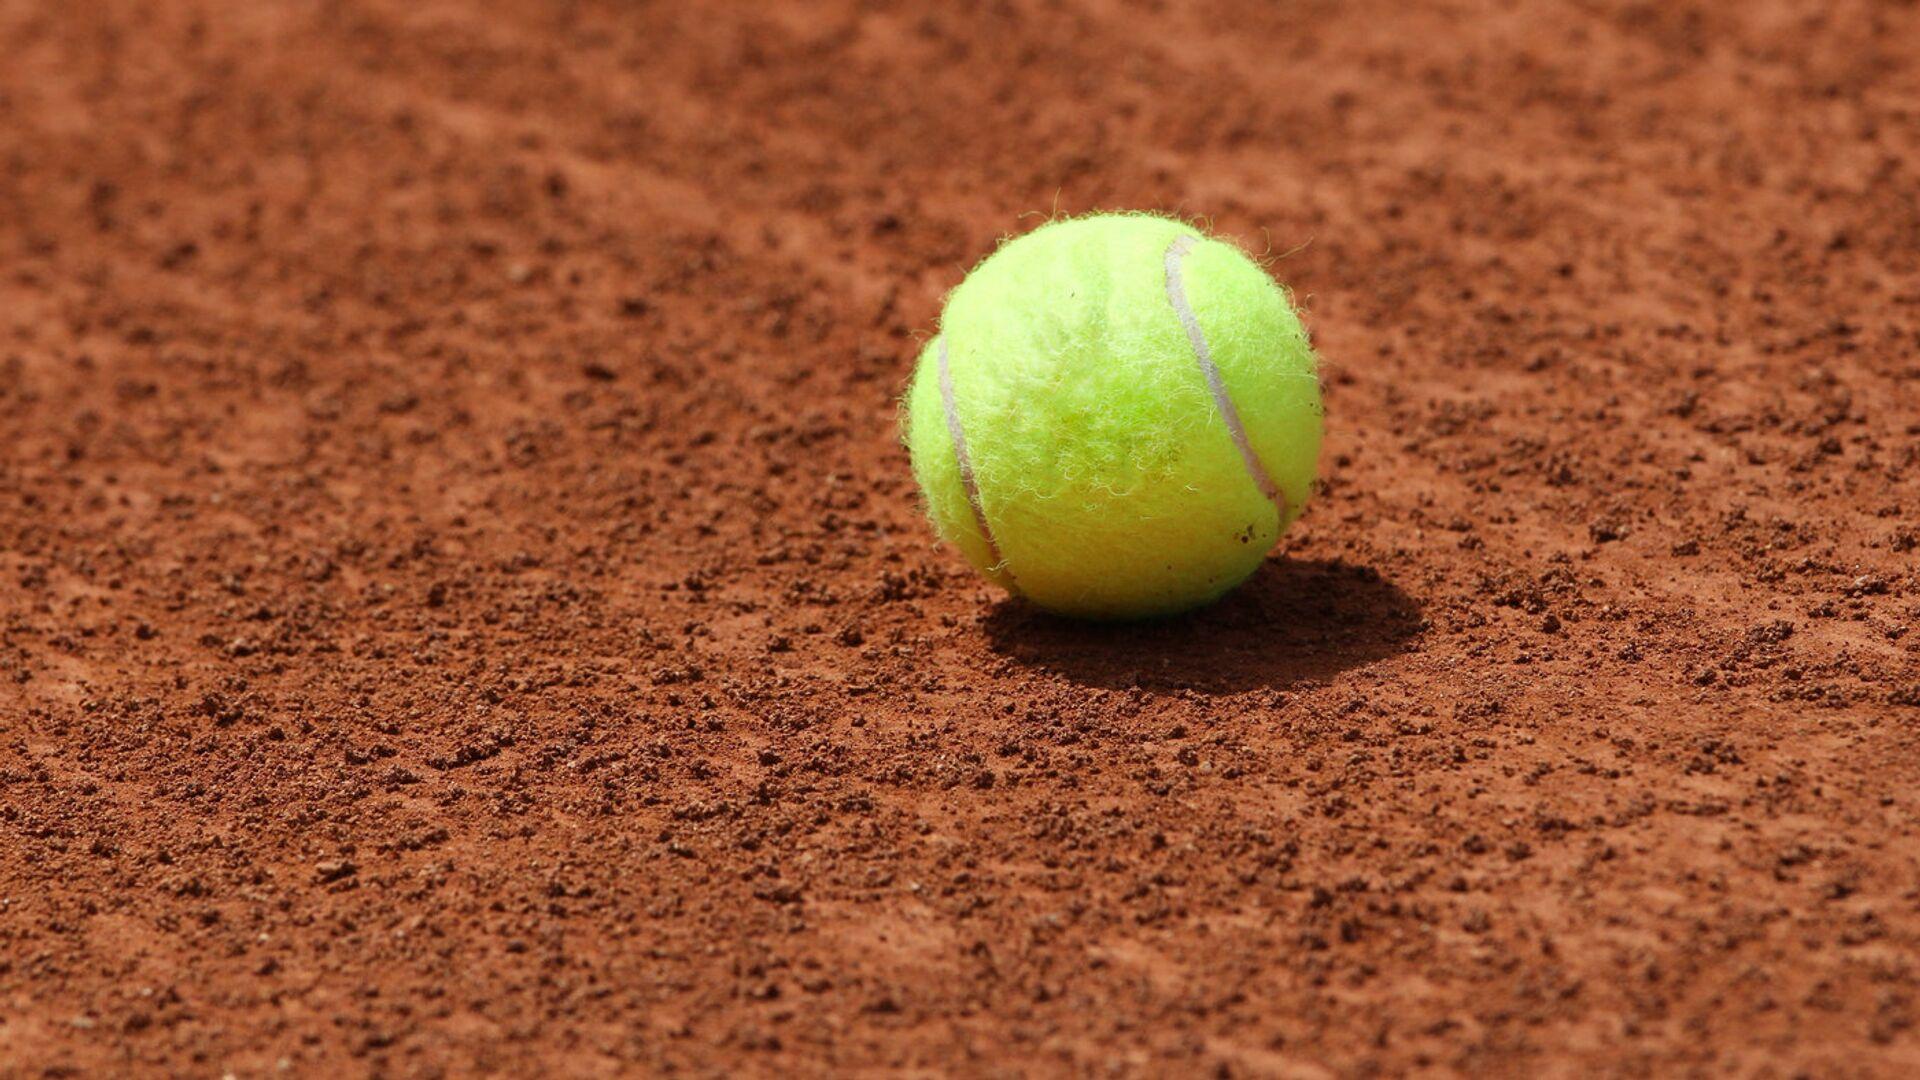 Теннисный мяч - Sputnik Латвия, 1920, 04.07.2021